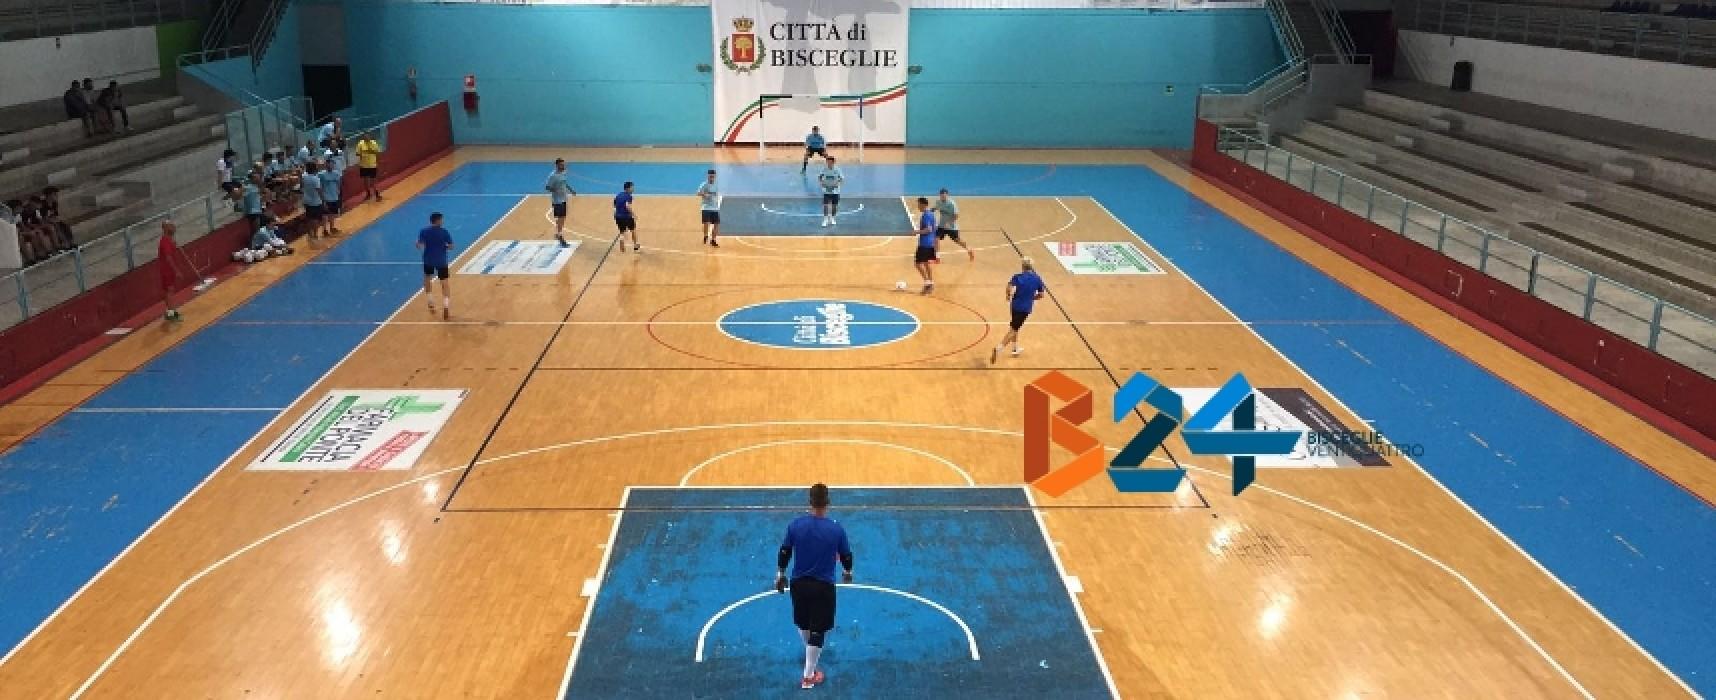 Futsal Bisceglie, rotonda vittoria in amichevole con l'Eraclio Barletta